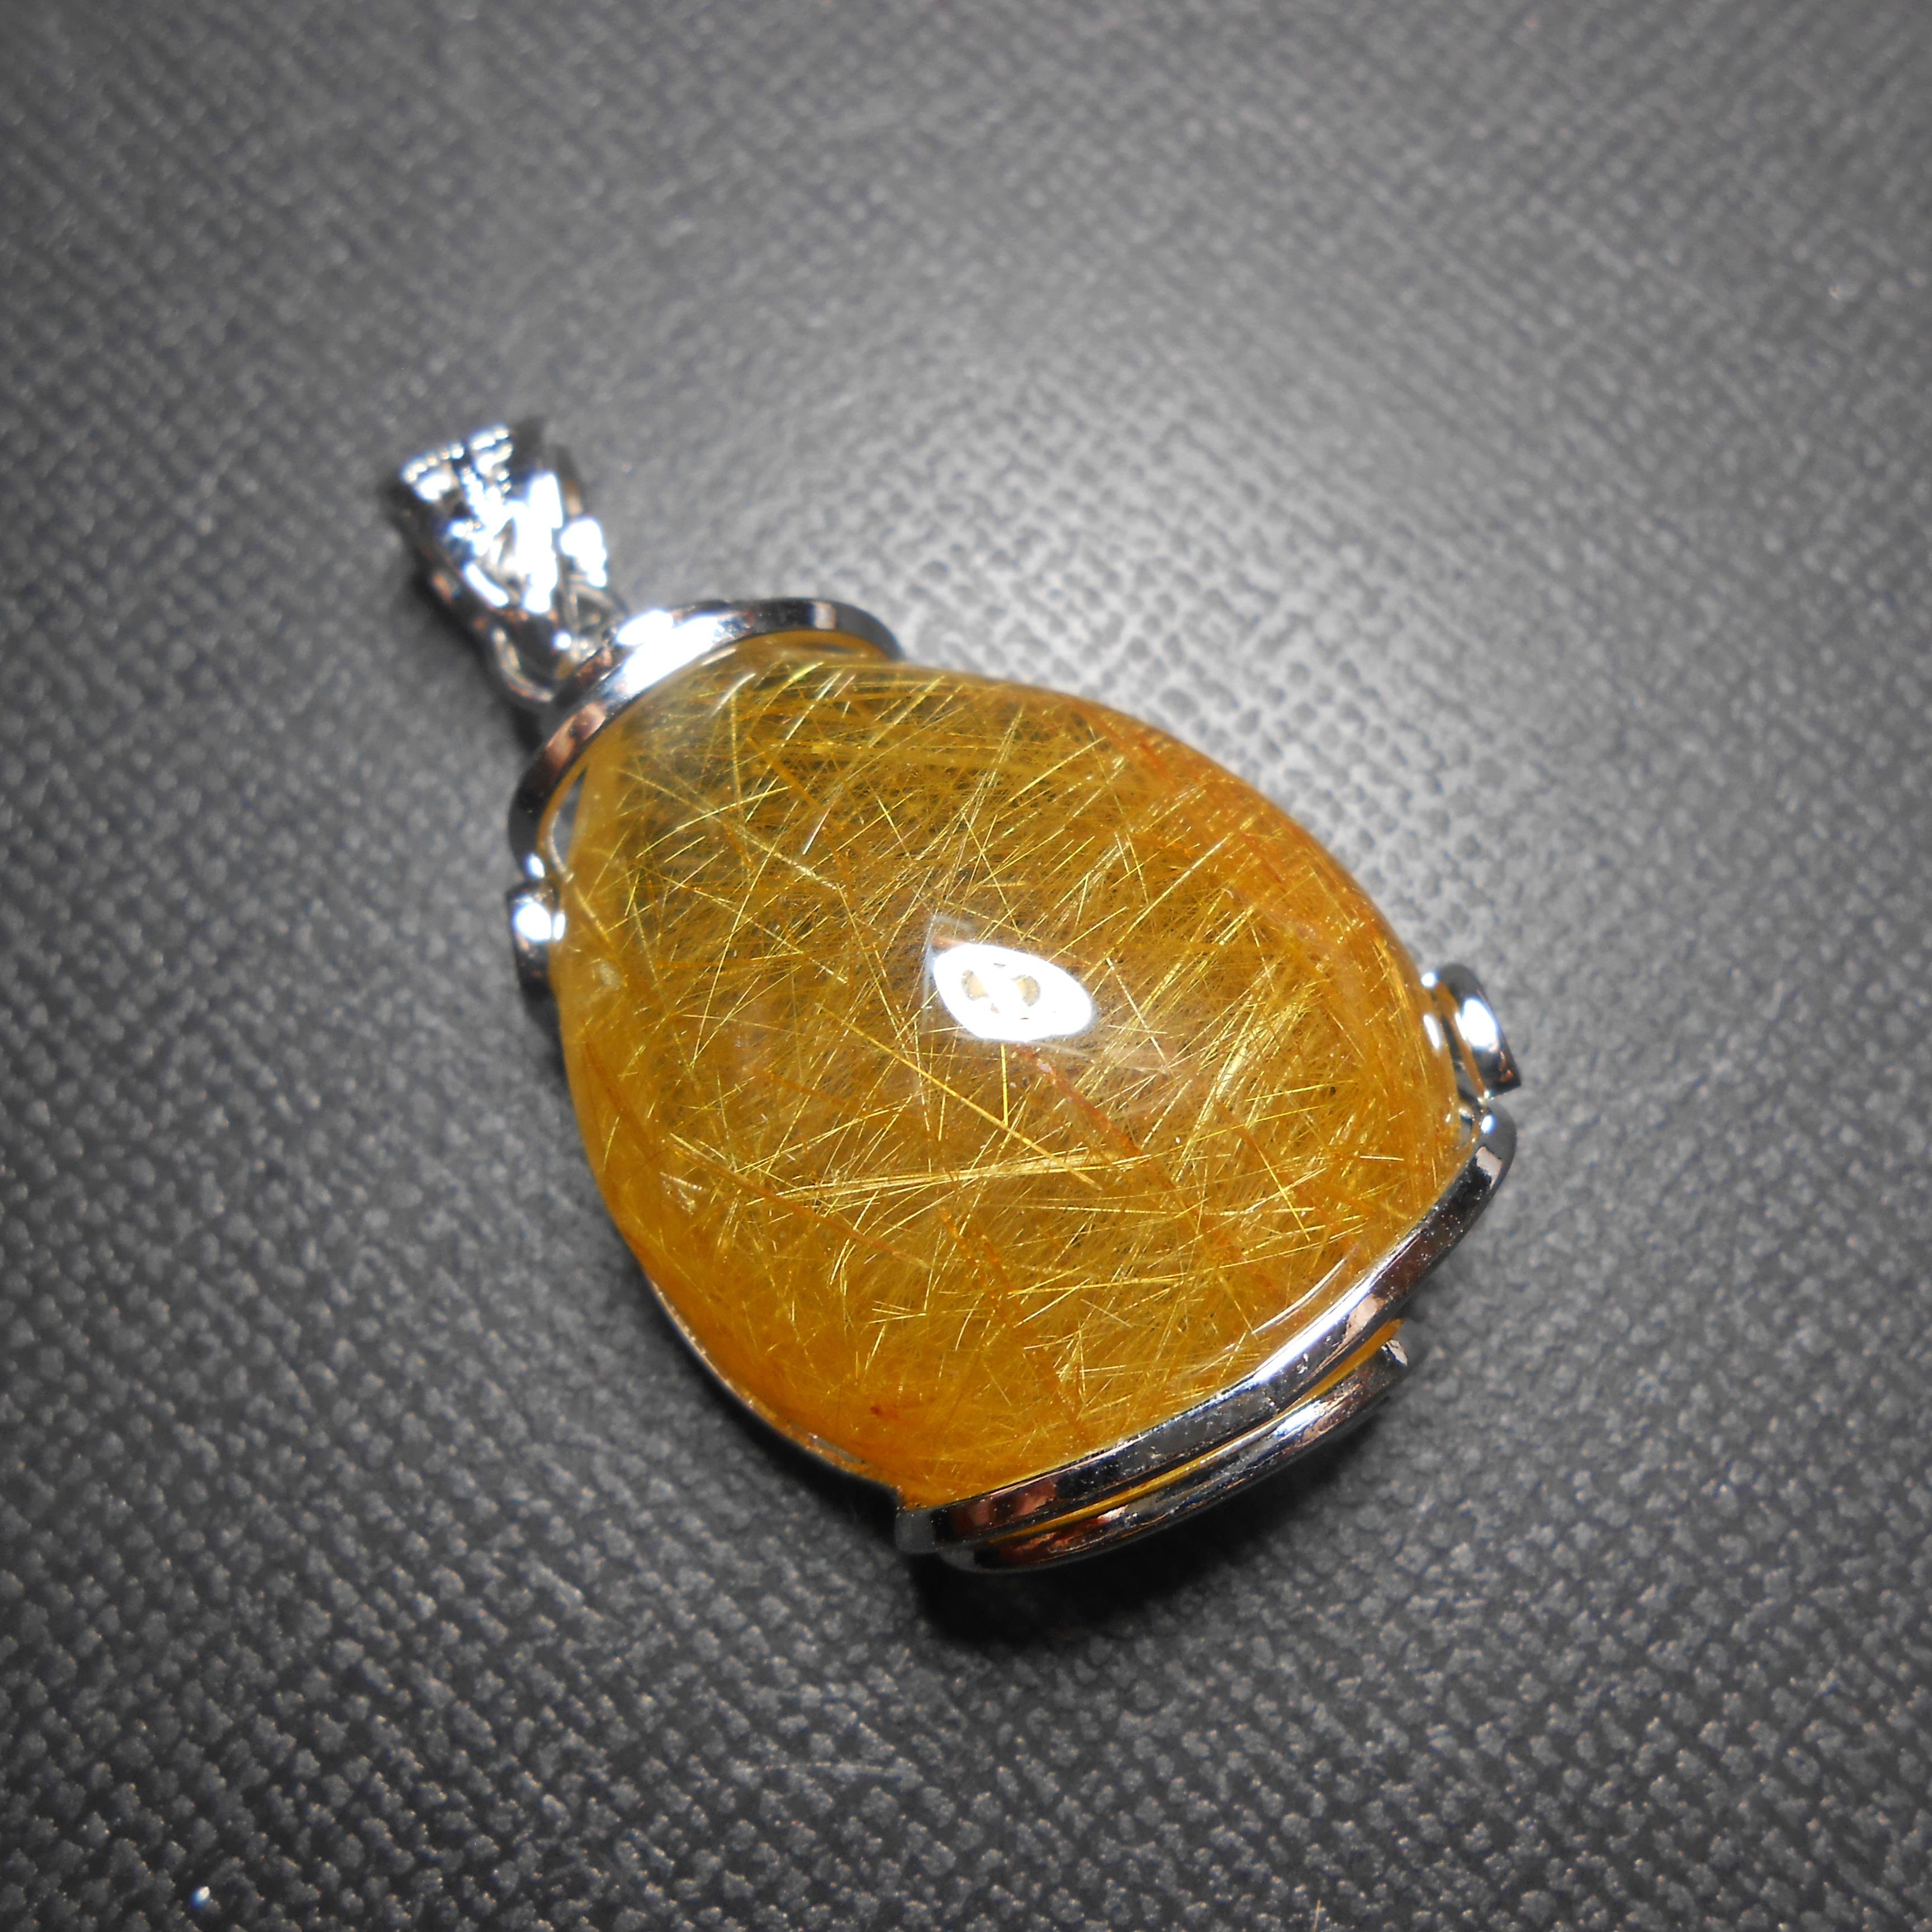 จี้แก้วไหมทอง เส้นสวย แก้วน้ำงาม ขนาด2.8x 2.3mm